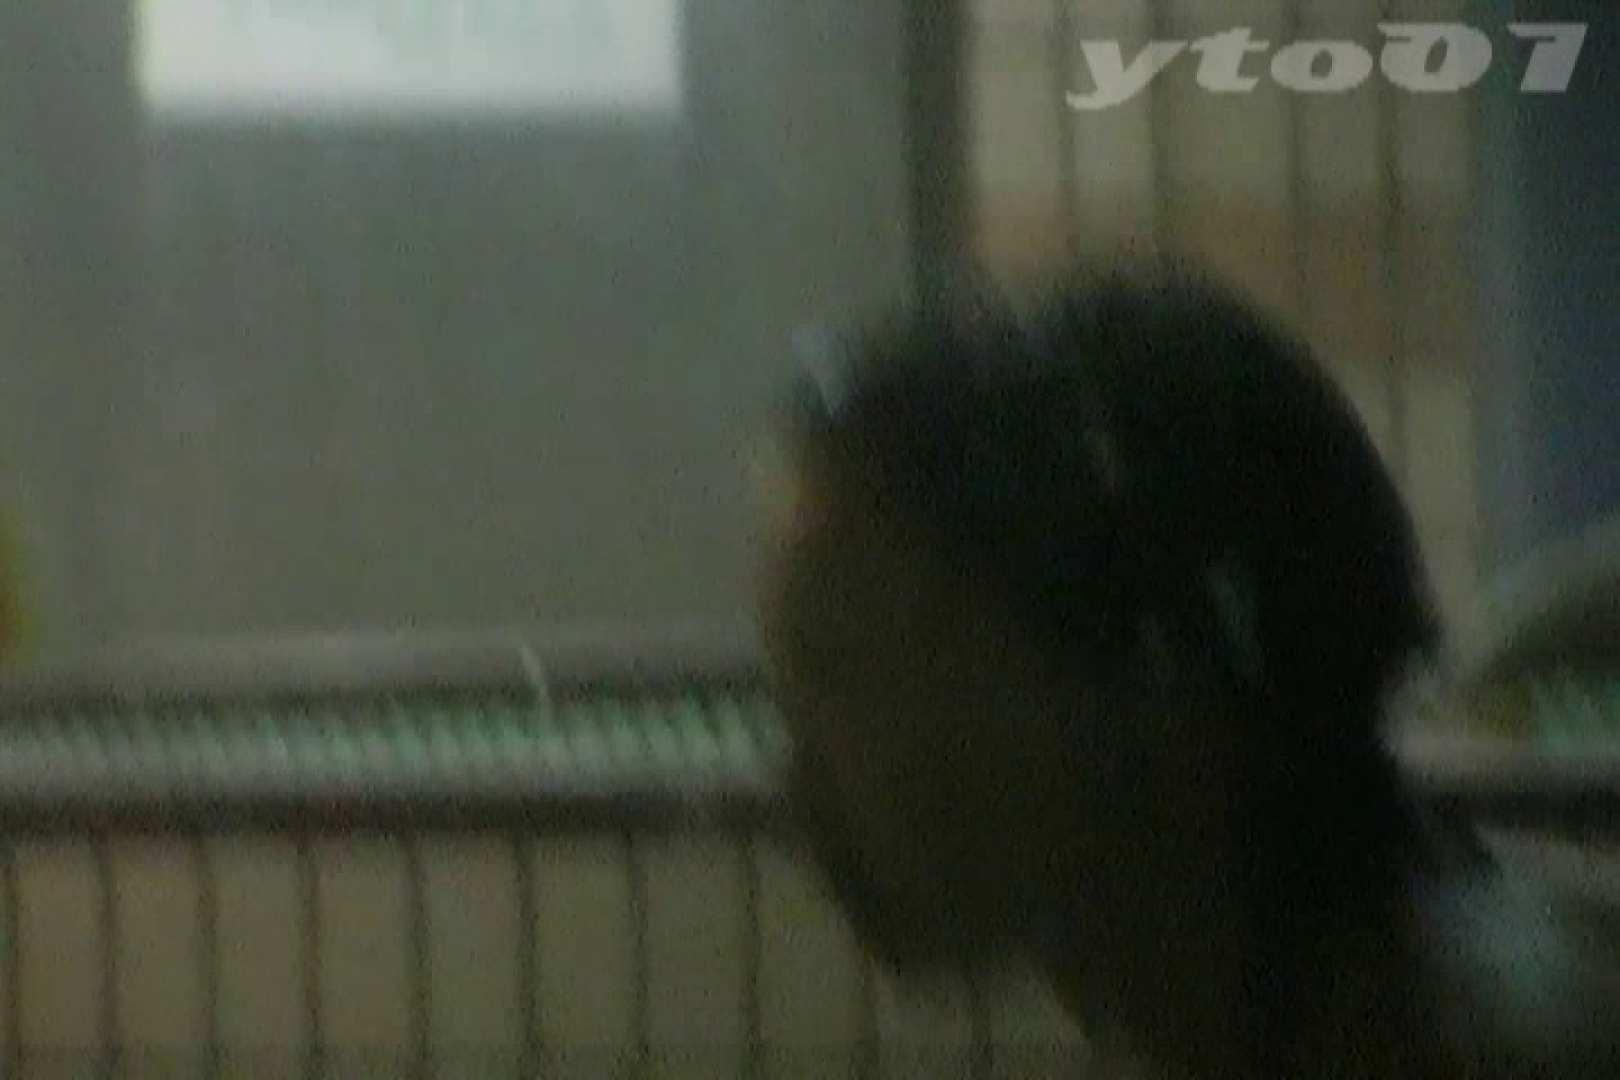 ▲復活限定▲合宿ホテル女風呂盗撮 Vol.02 合宿中の女子 ヌード画像 70PIX 20